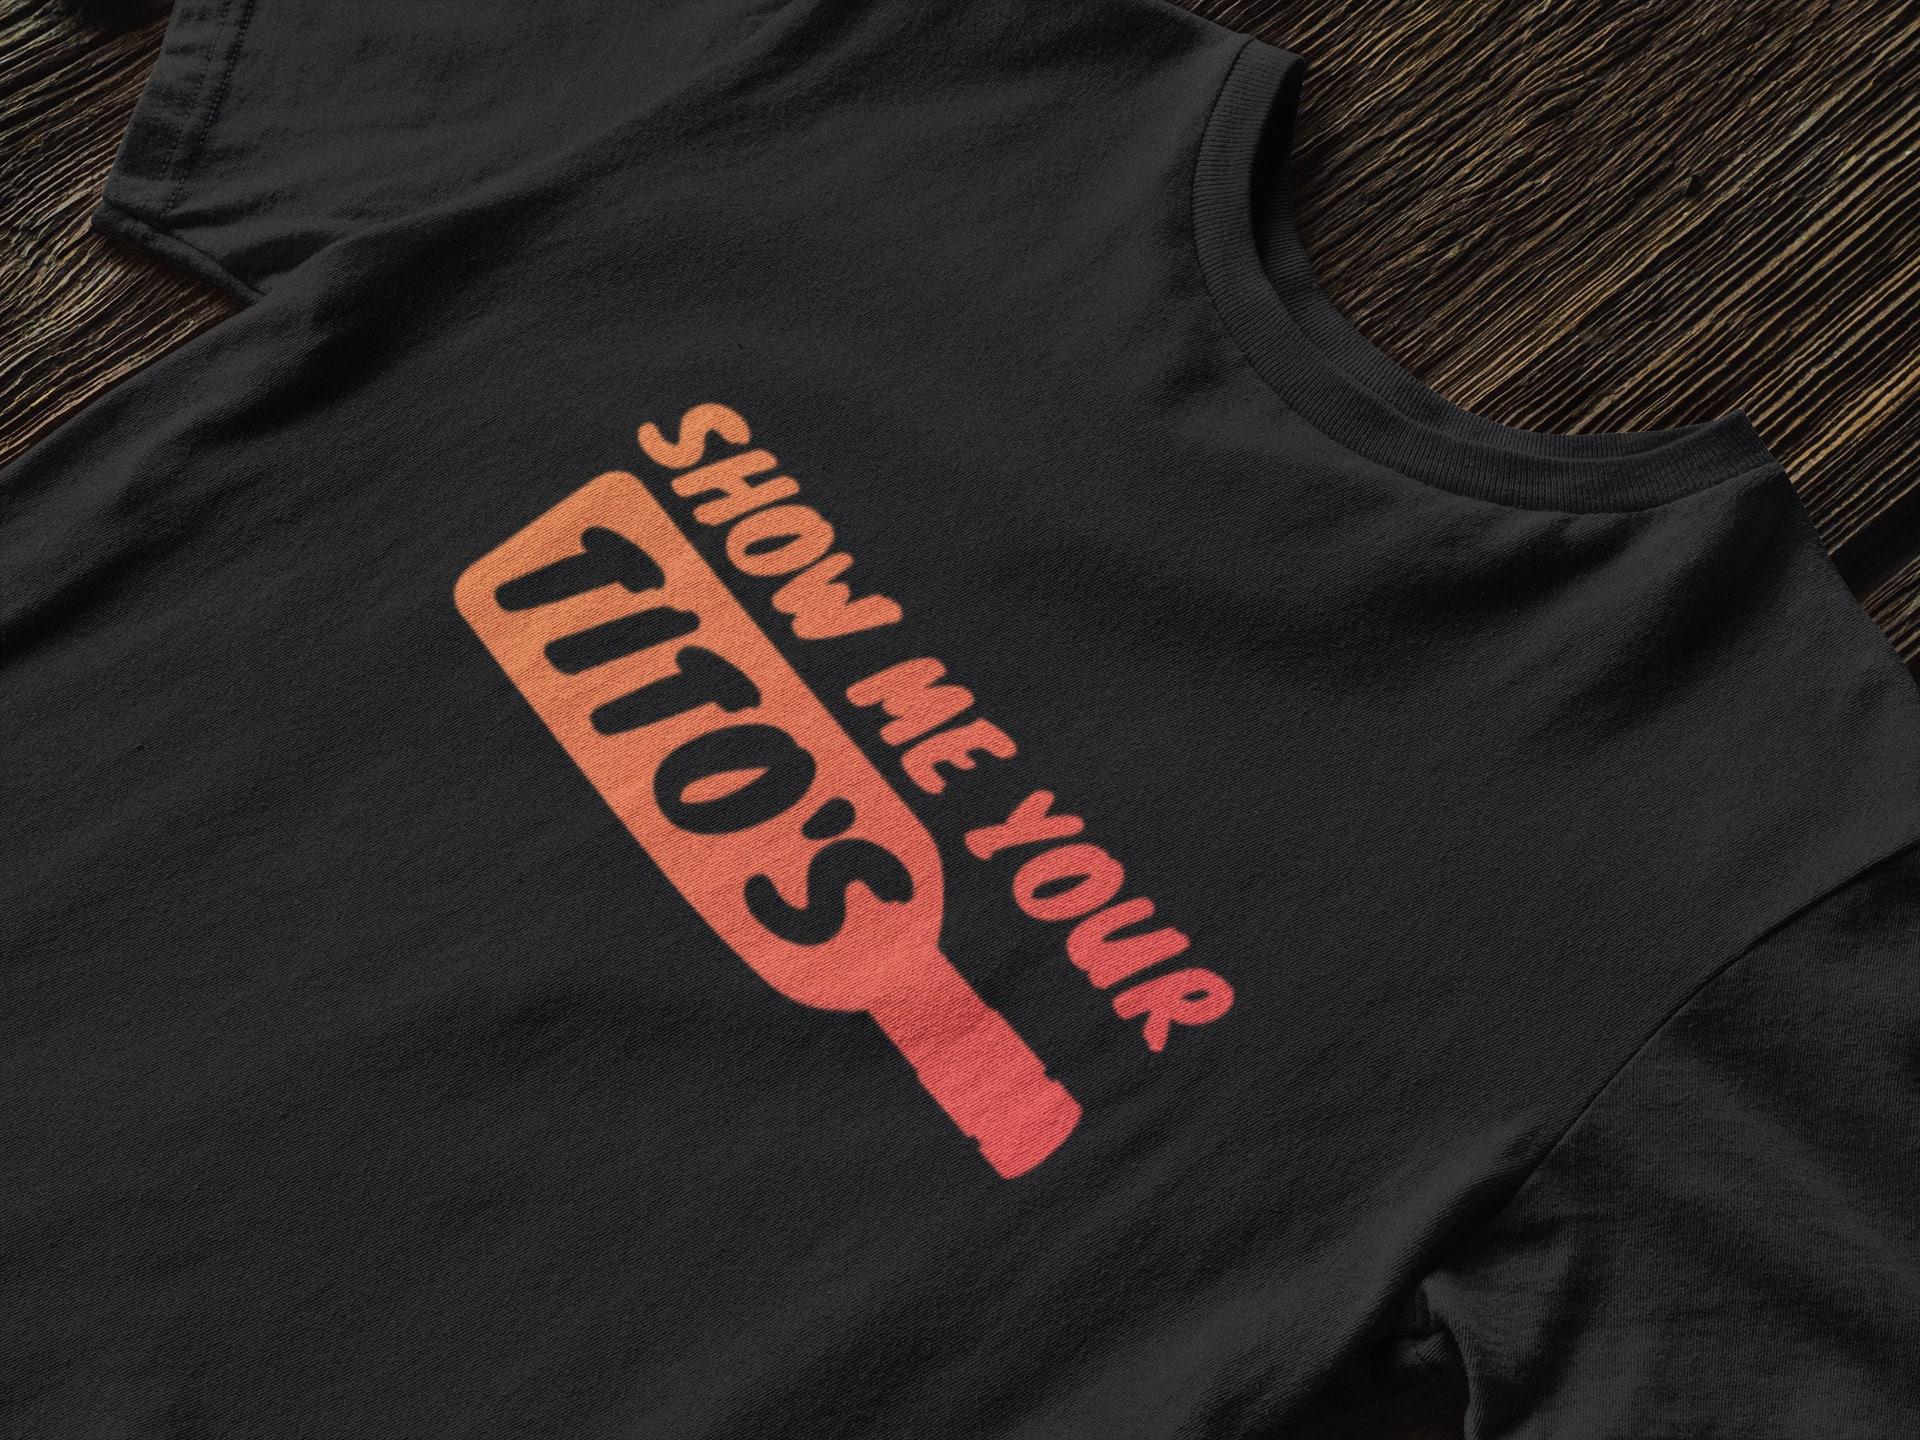 Zeig mir dein Titos T-Shirt Unisex-großes Schnapshemd | Etsy